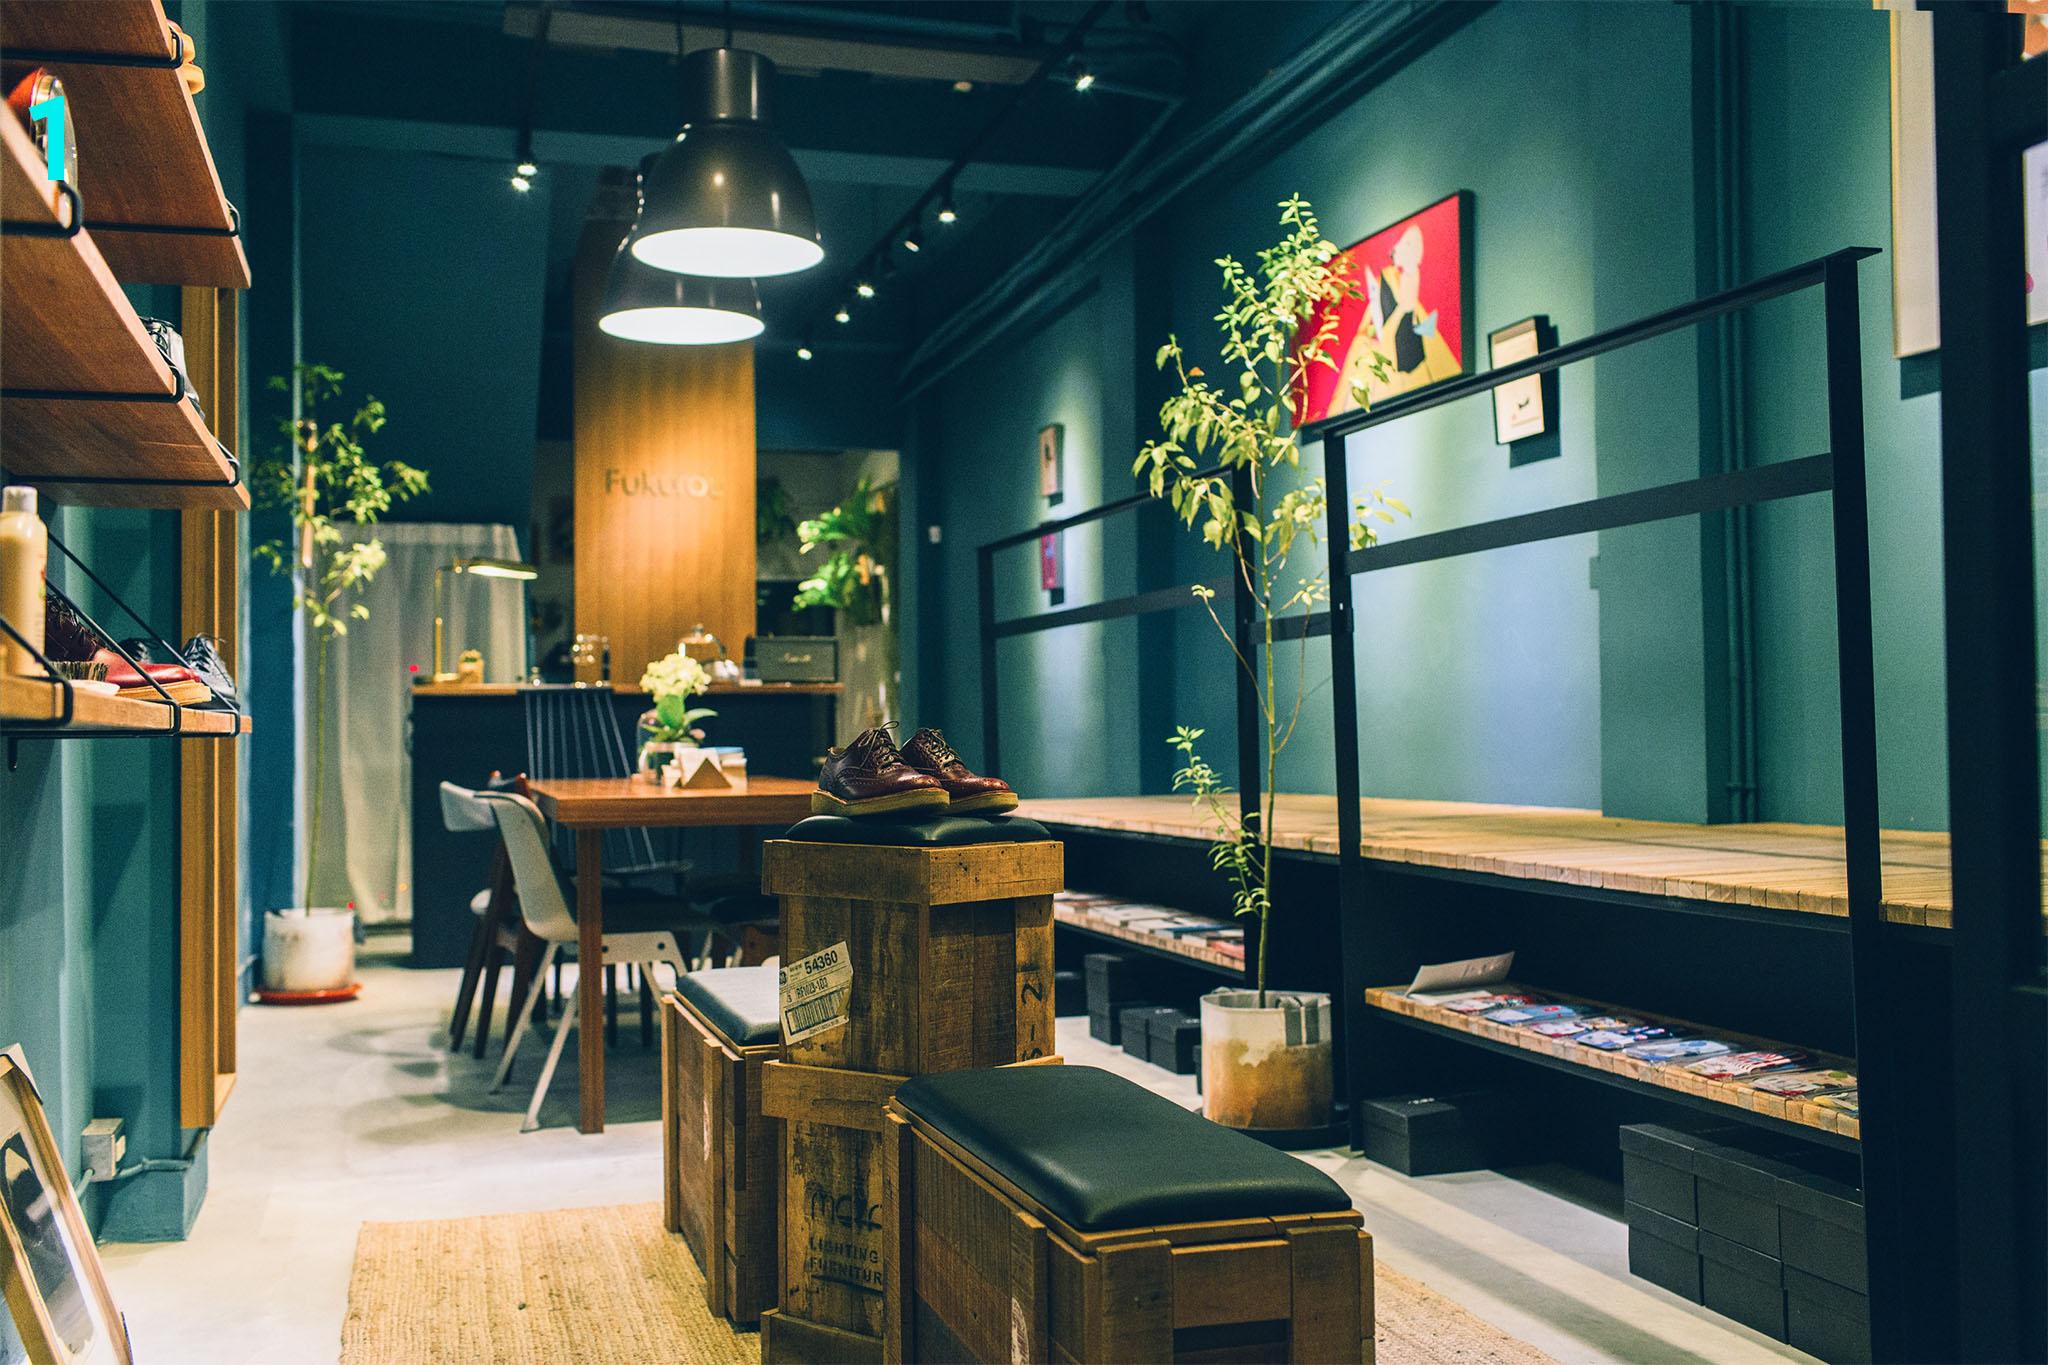 一楼拥有艺廊、咖啡馆及鞋柜等空间,各自独立又彼此融合。